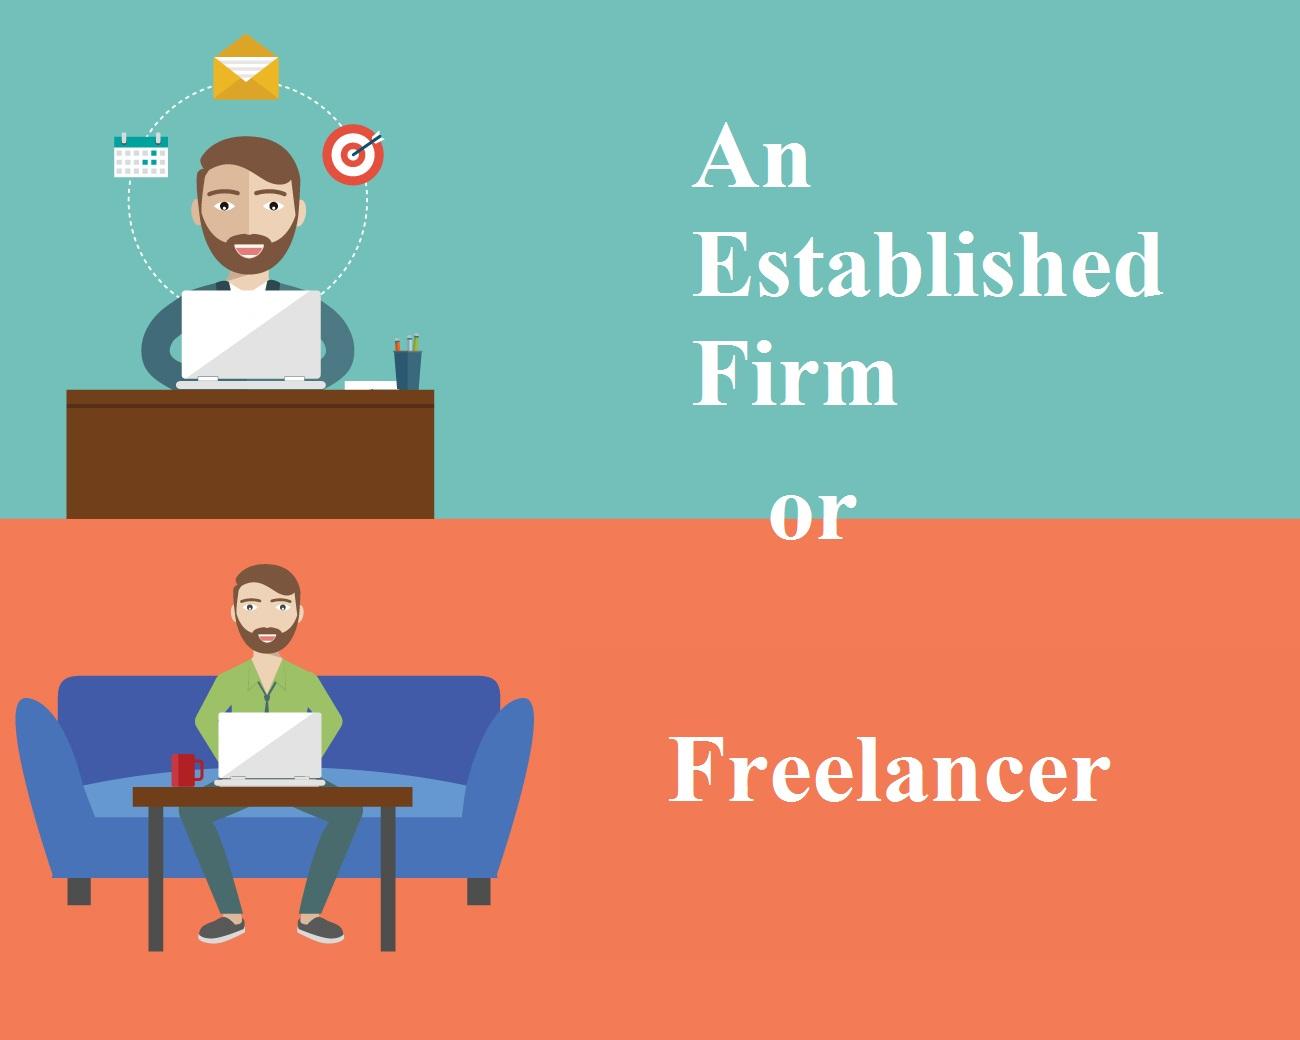 Freelancer or an established firm